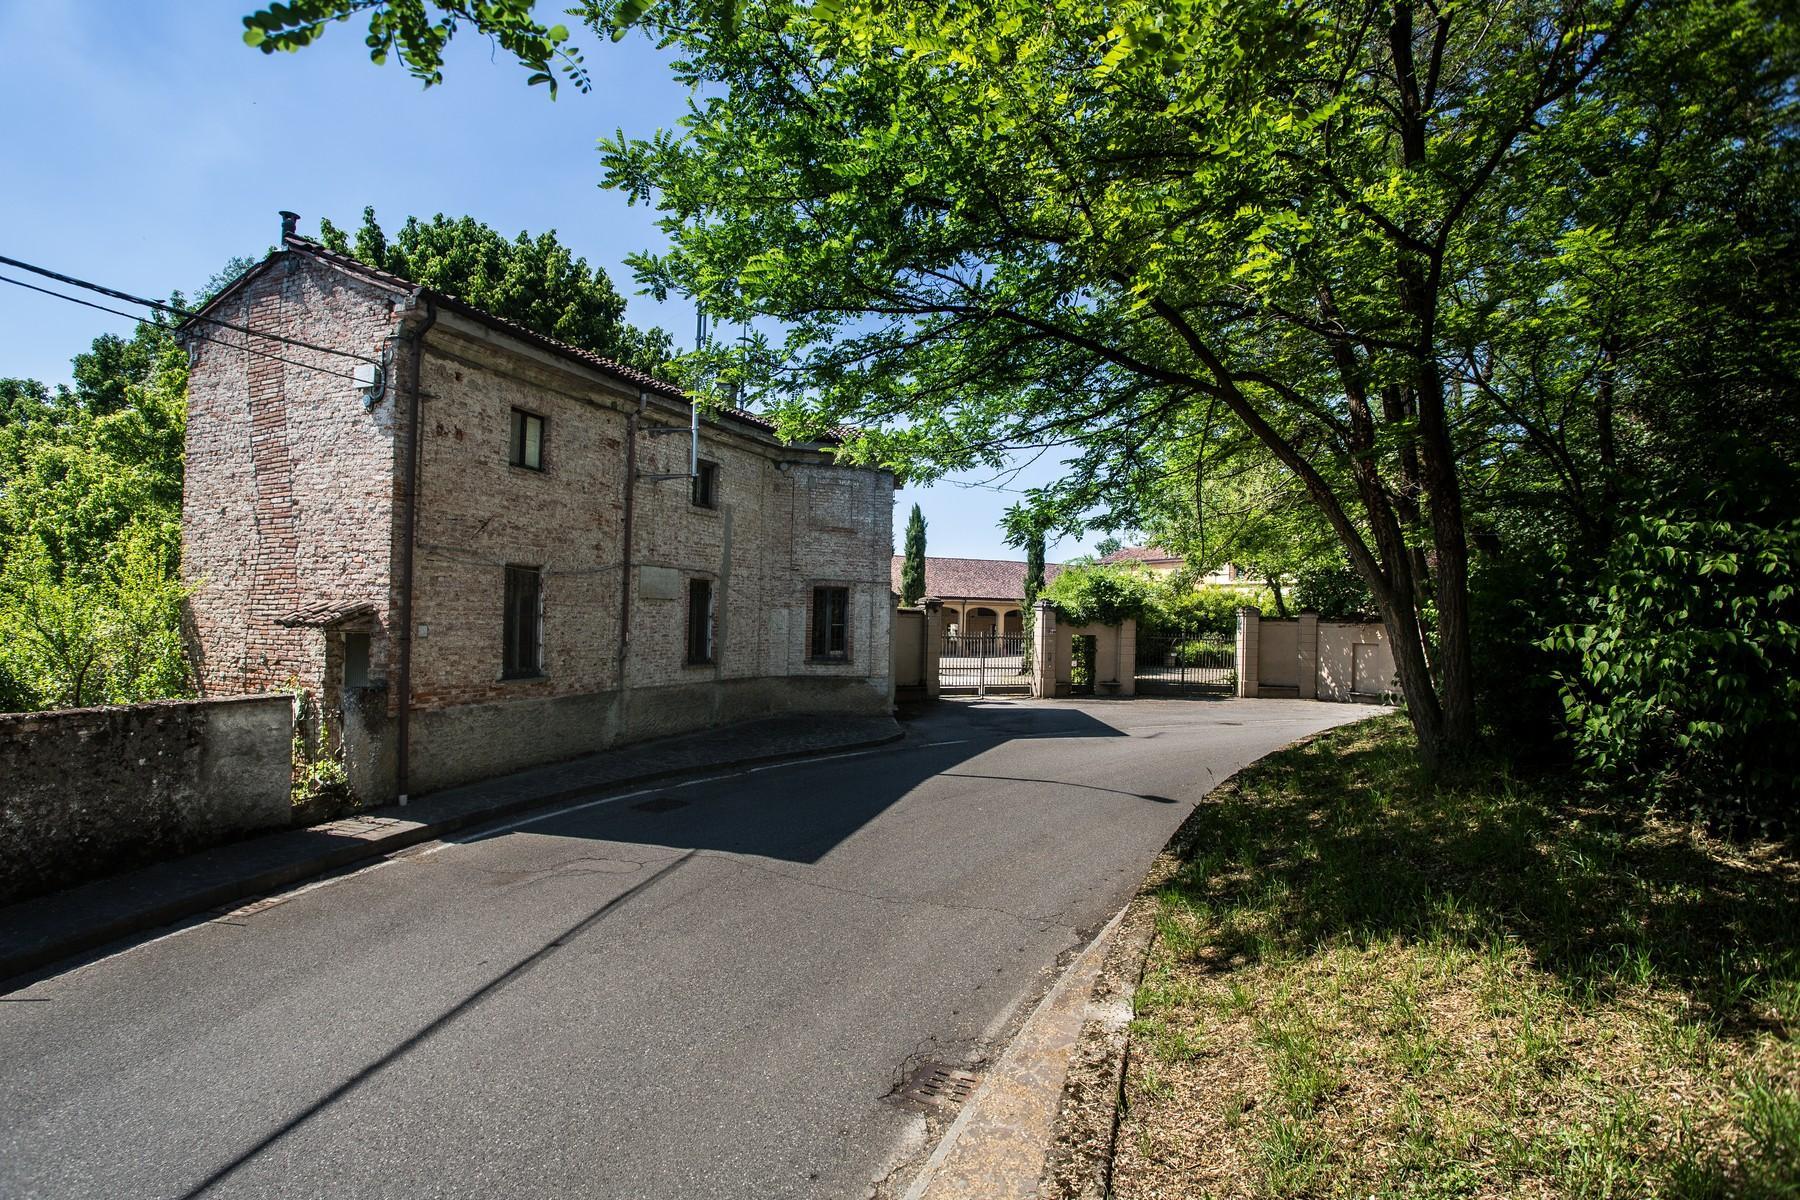 位于Cremona乡村内且拥有大公园的历史久远的别墅 - 5